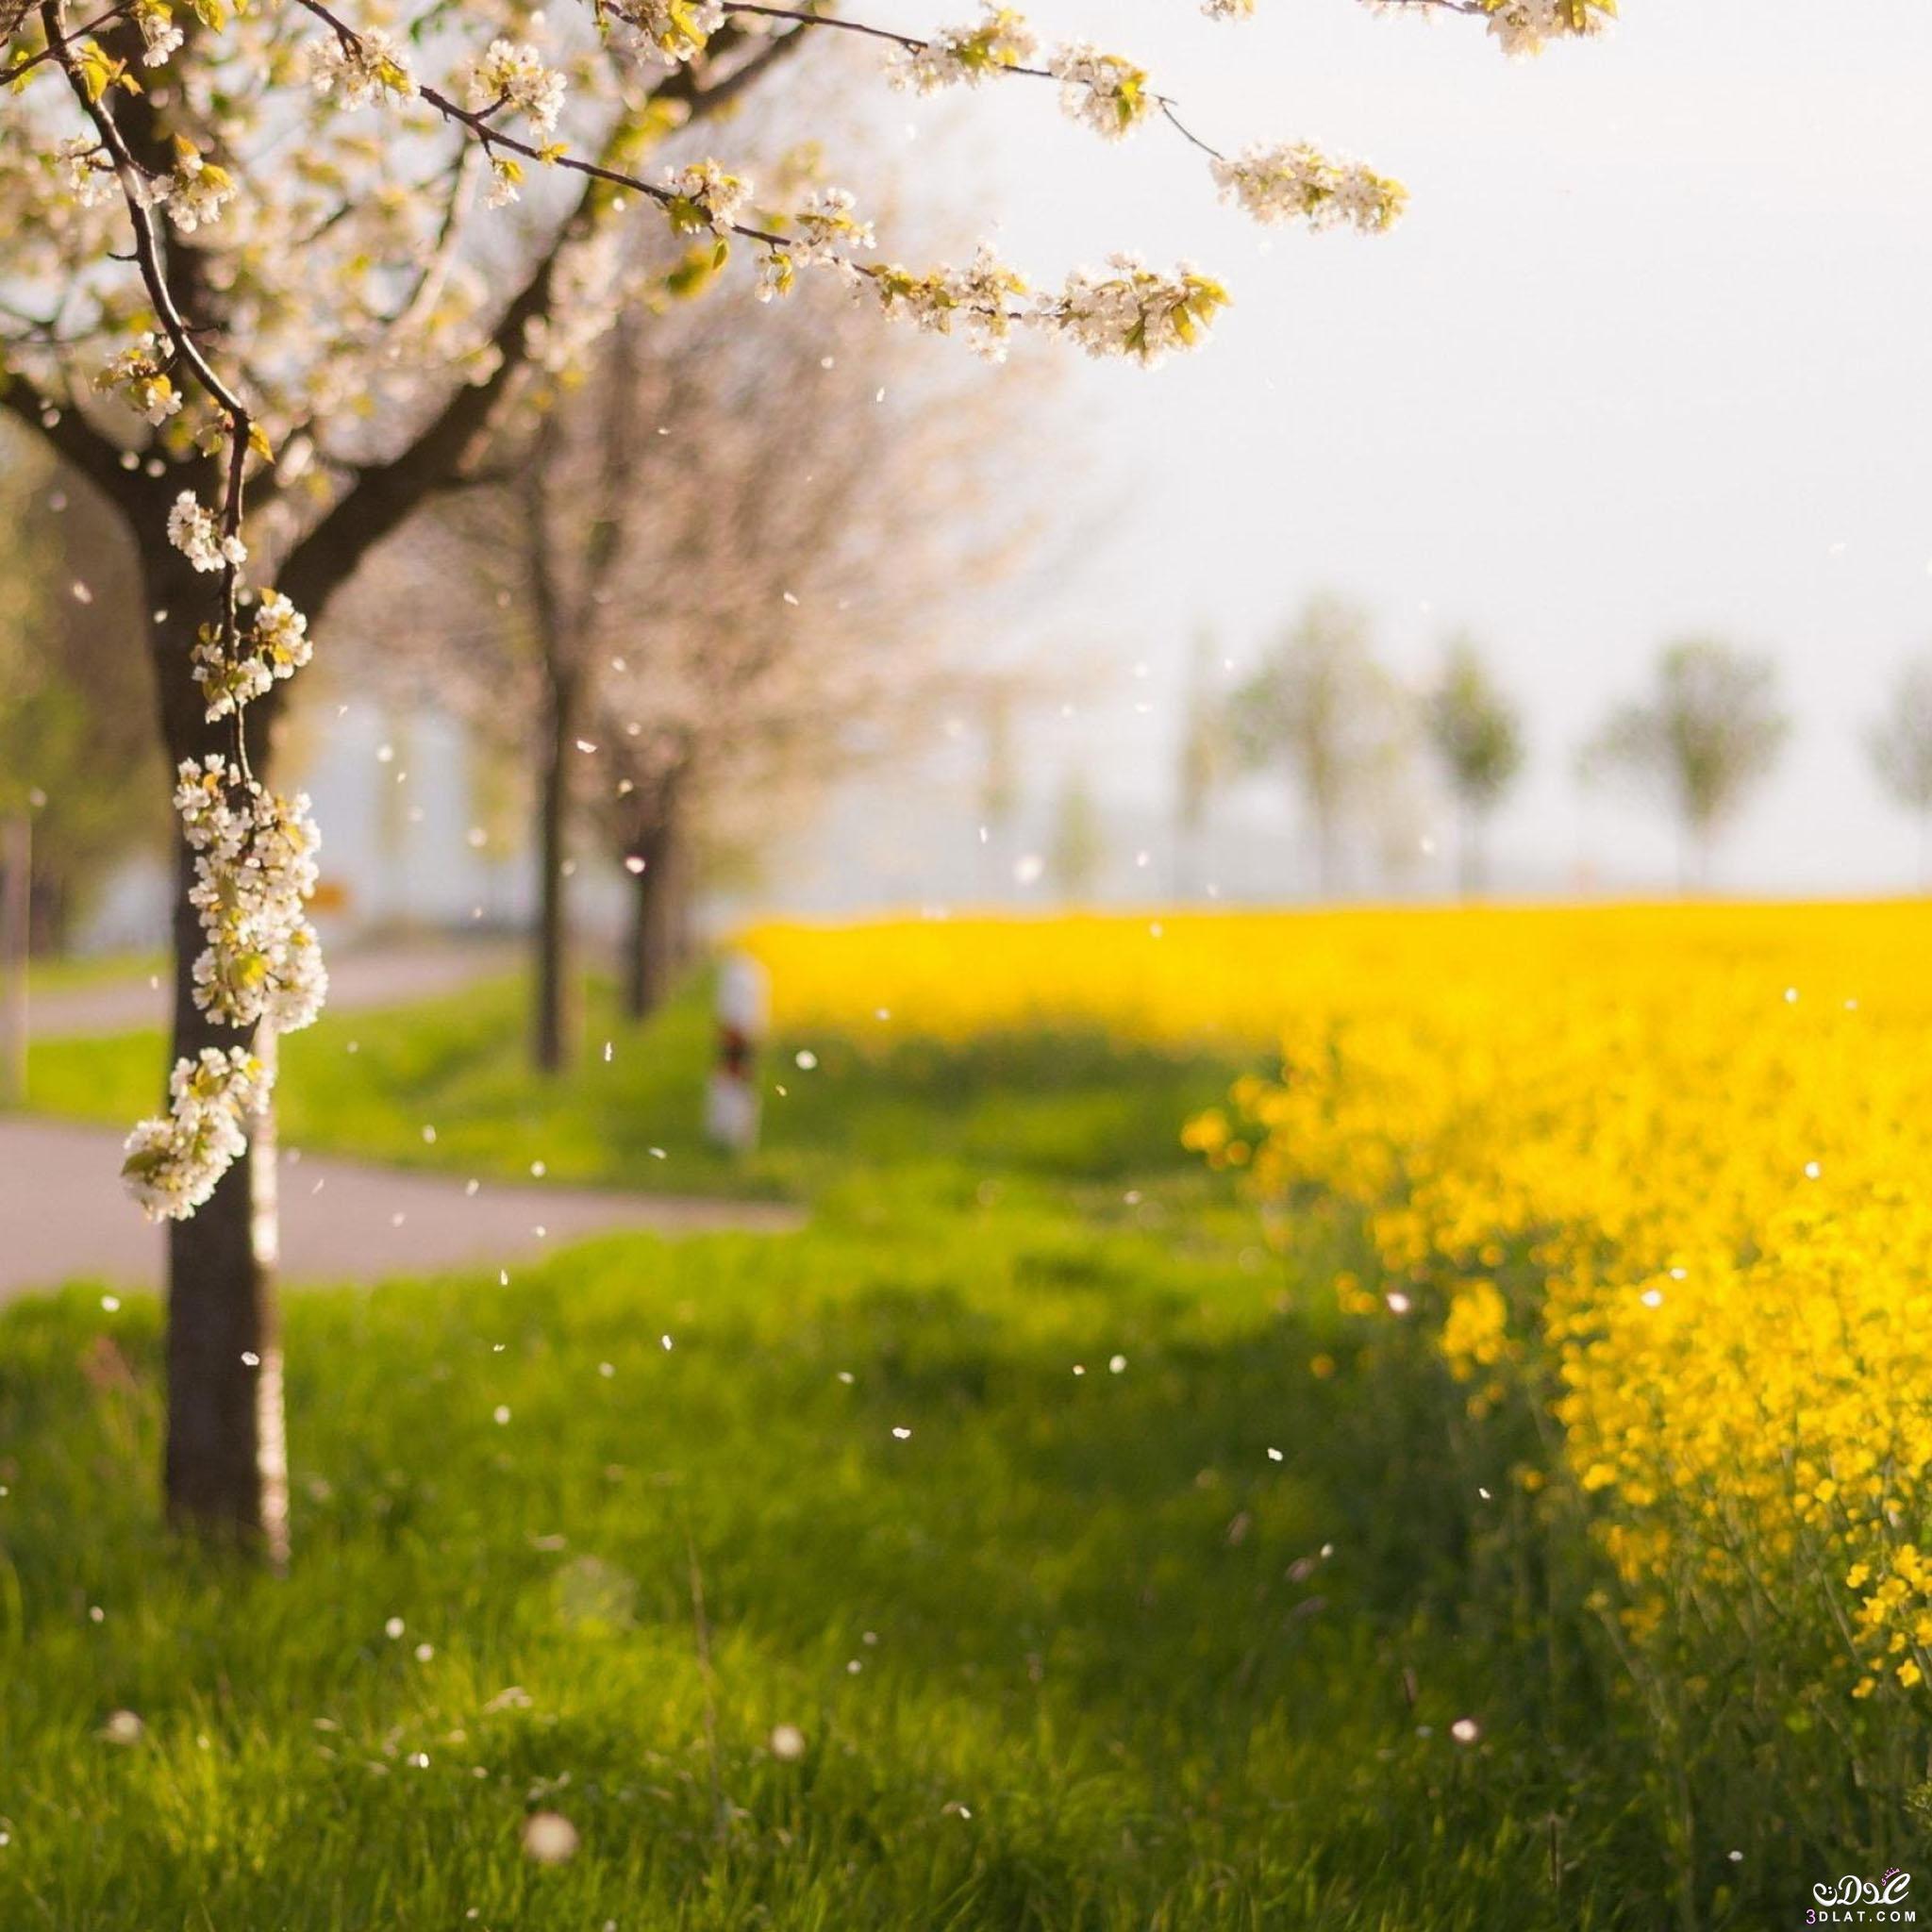 صور طبيعيه للنباتات والاشجار والطرق روعه,صور طبيعيه مذهله ,صور طبيعيه متنوعه 2015 3dlat.com_04_2014)Ye